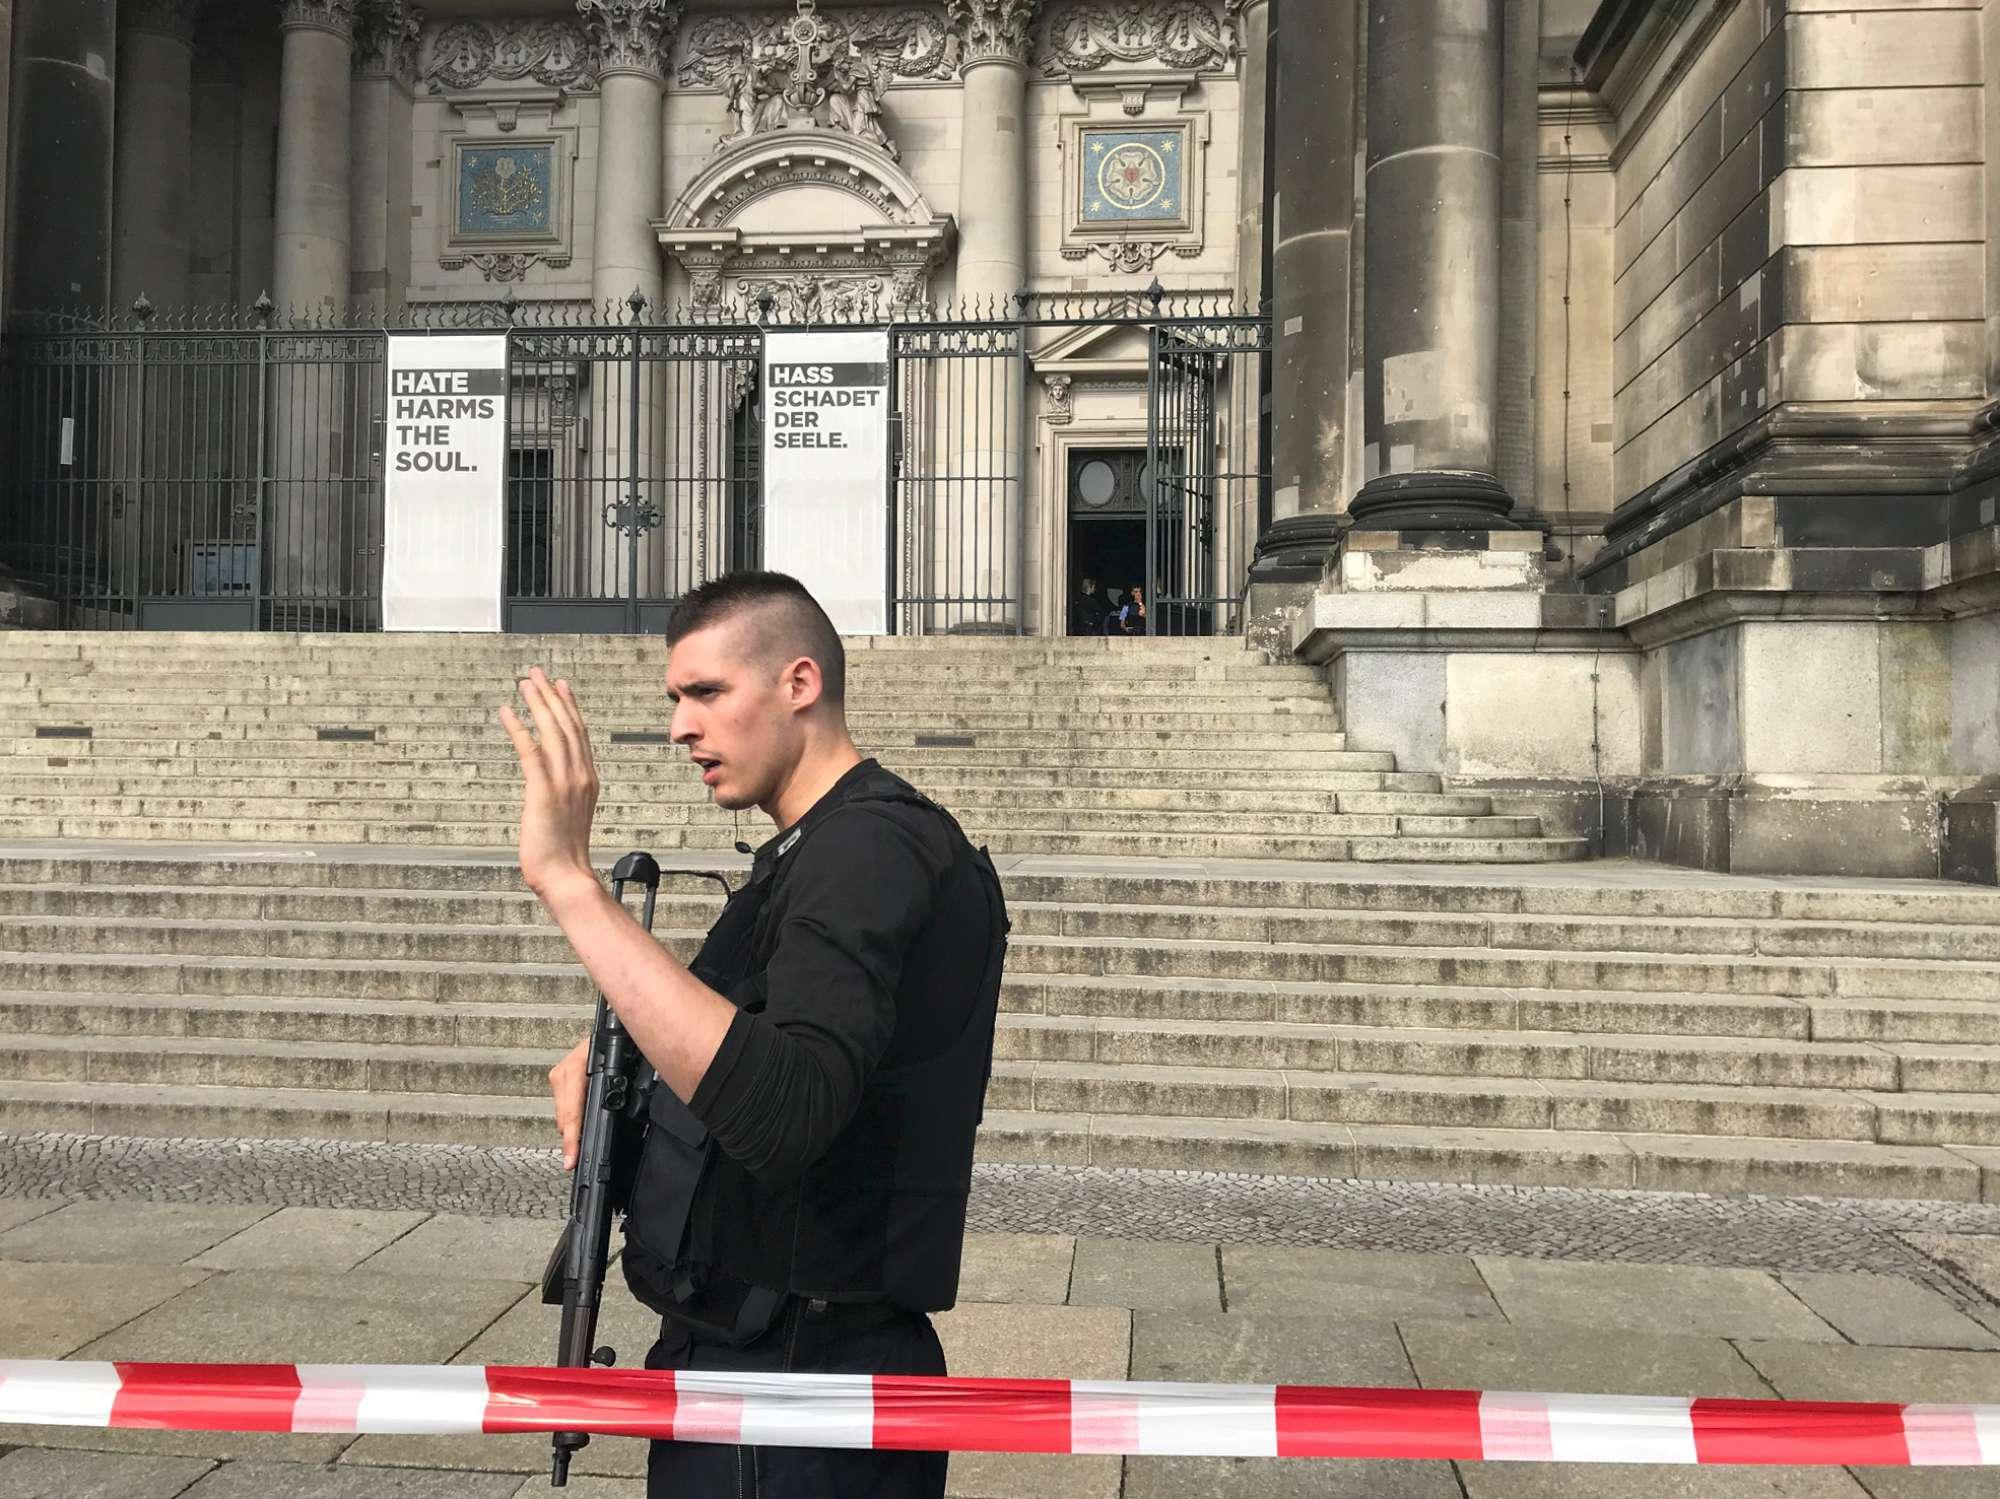 Berlino, sparatoria all'interno del duomo, ucciso un uomo